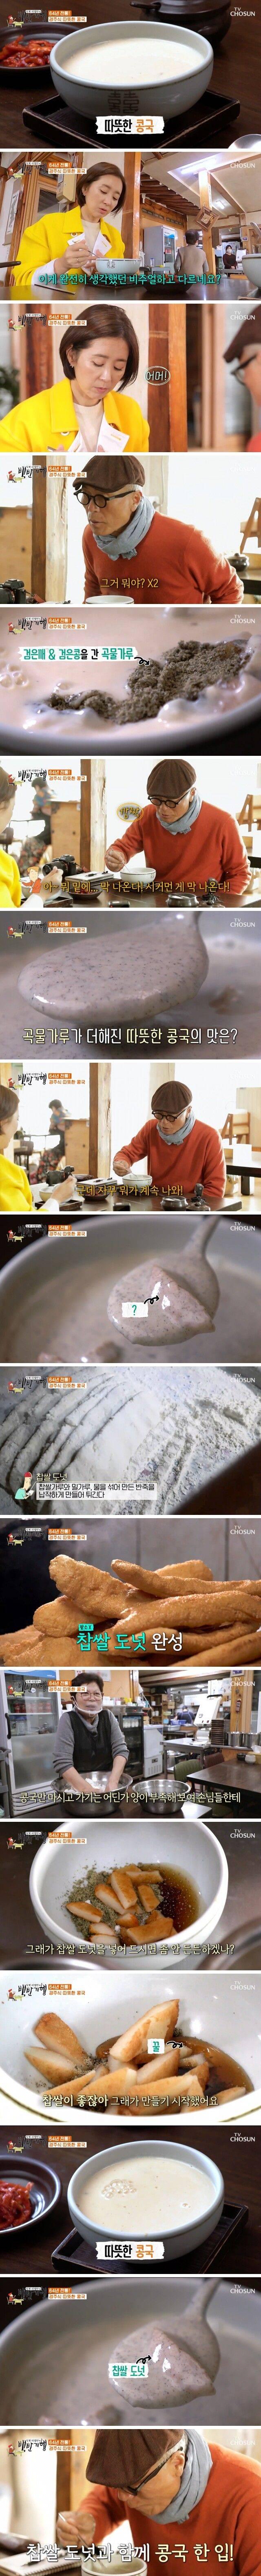 경주식 따뜻한 콩국.jpg | 인스티즈